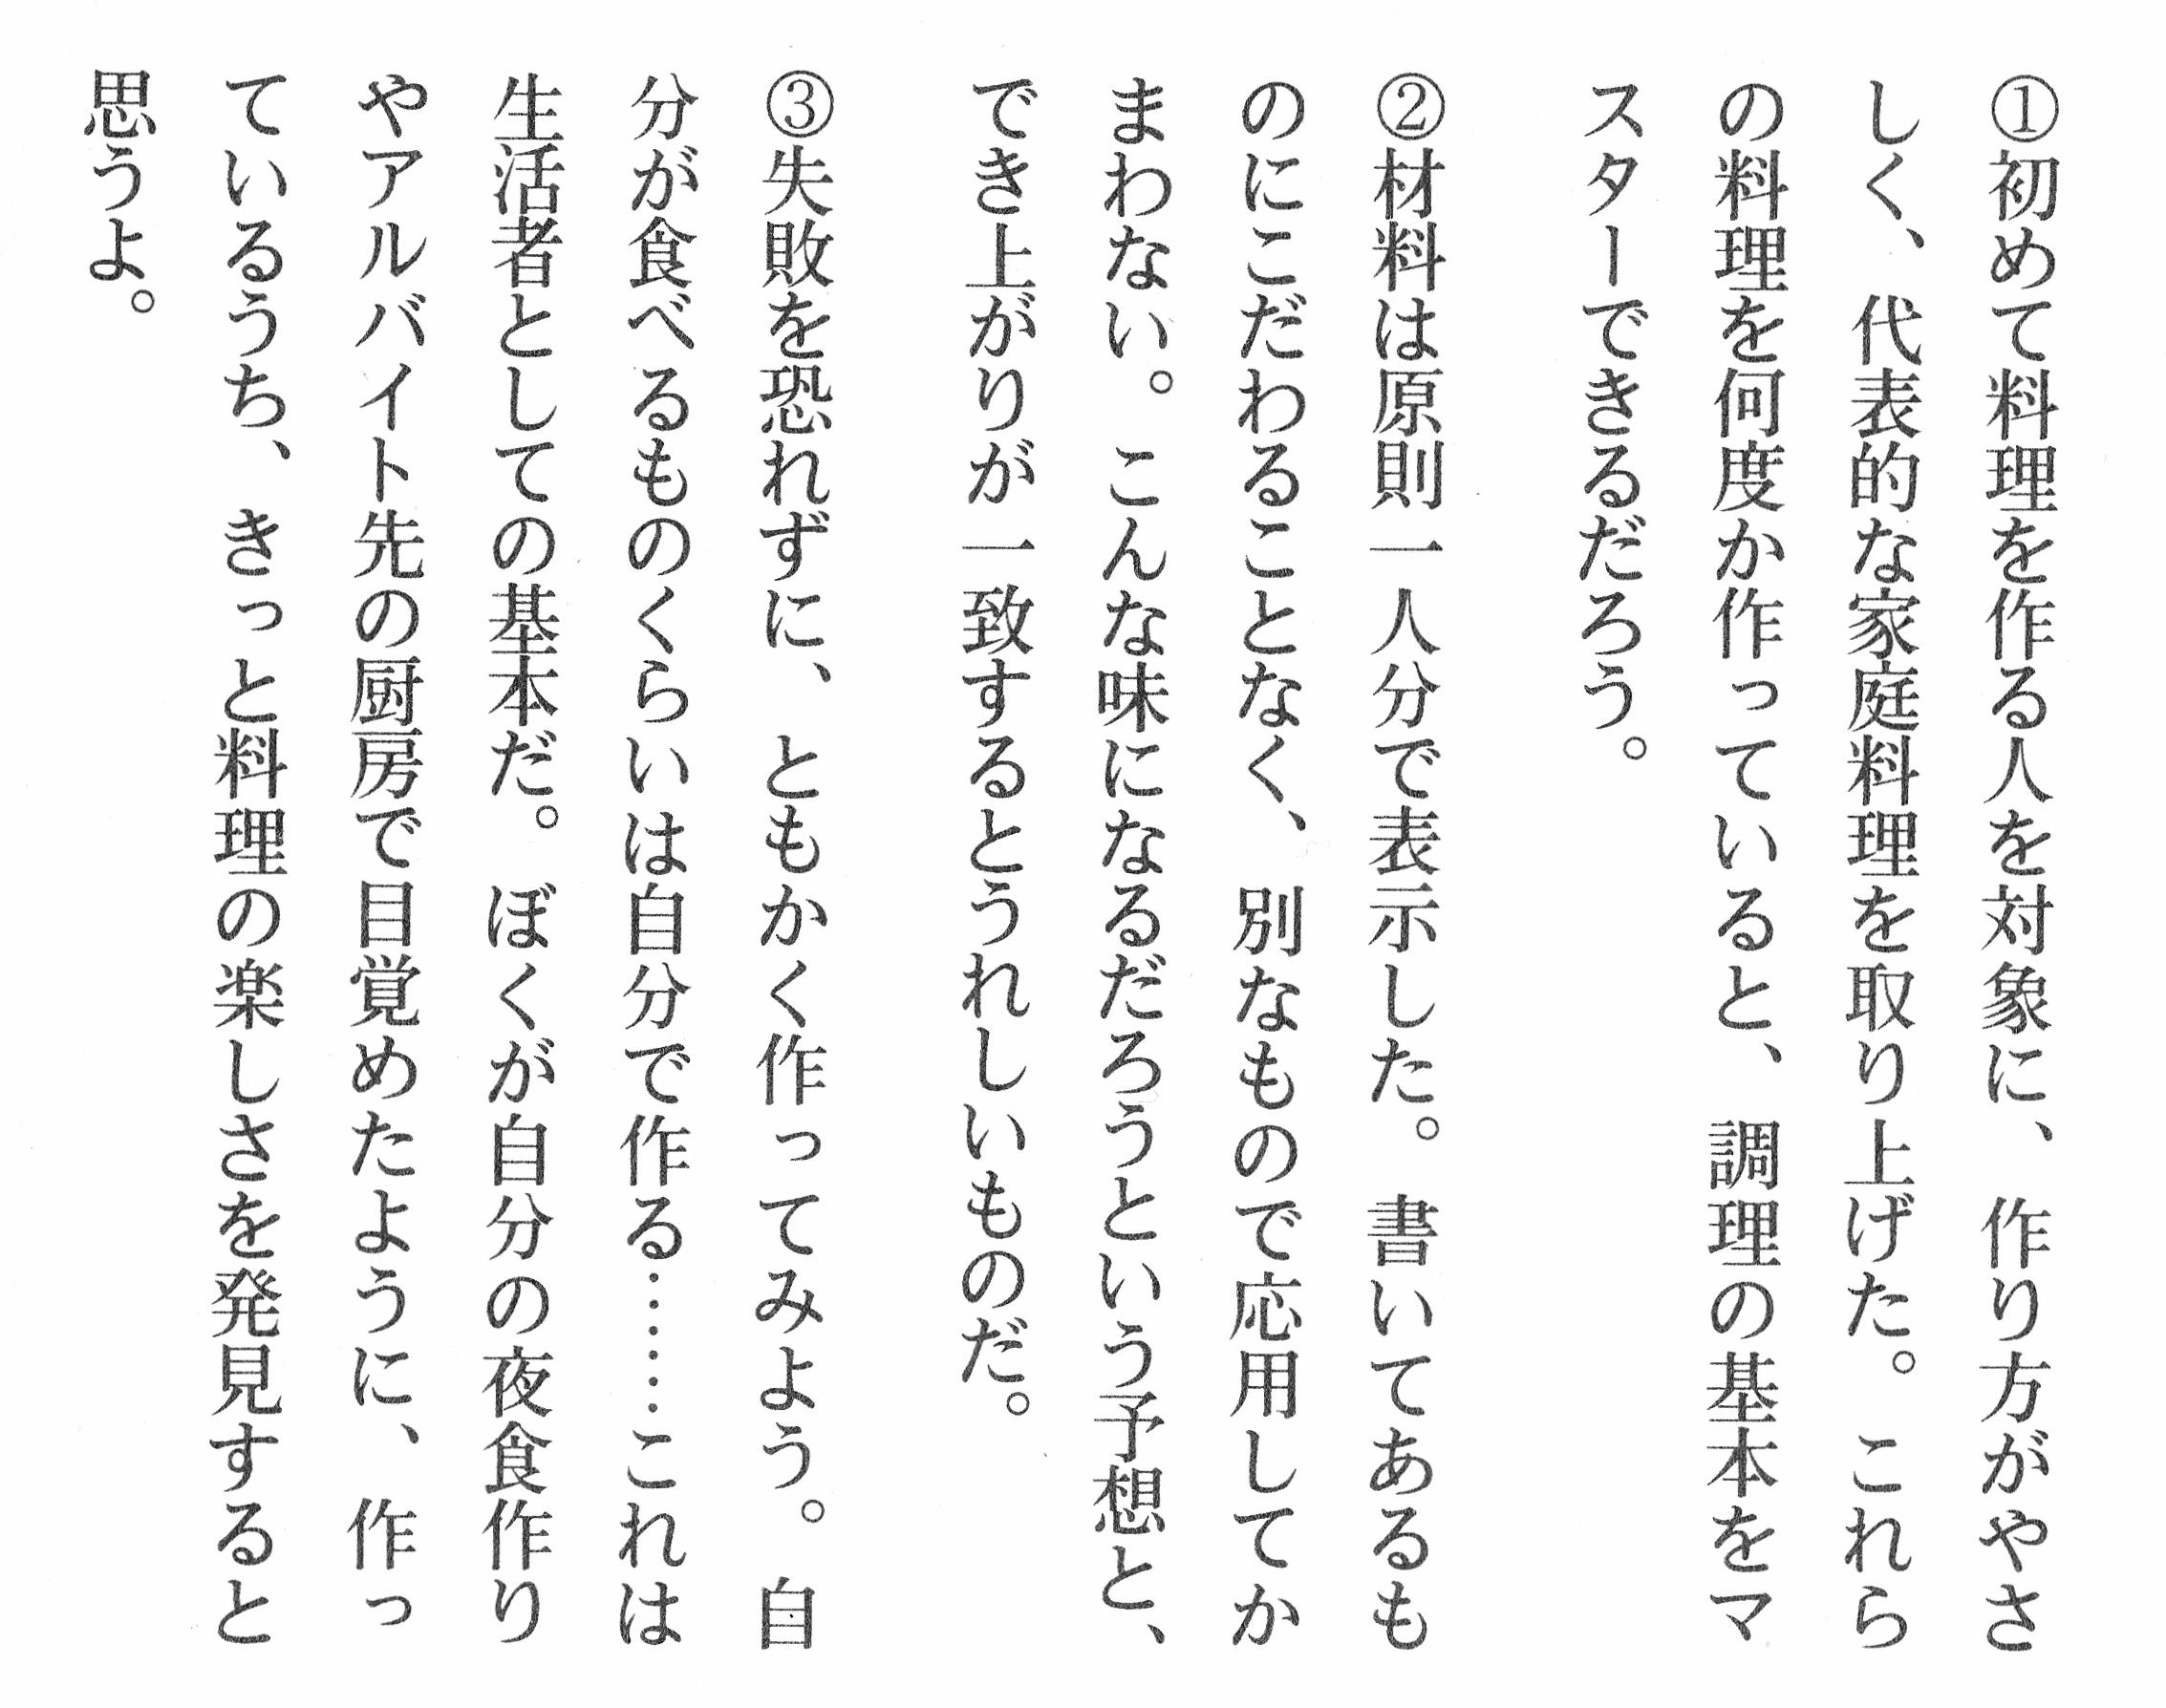 7_ケンタロウ_おとこの料理_本文.jpg